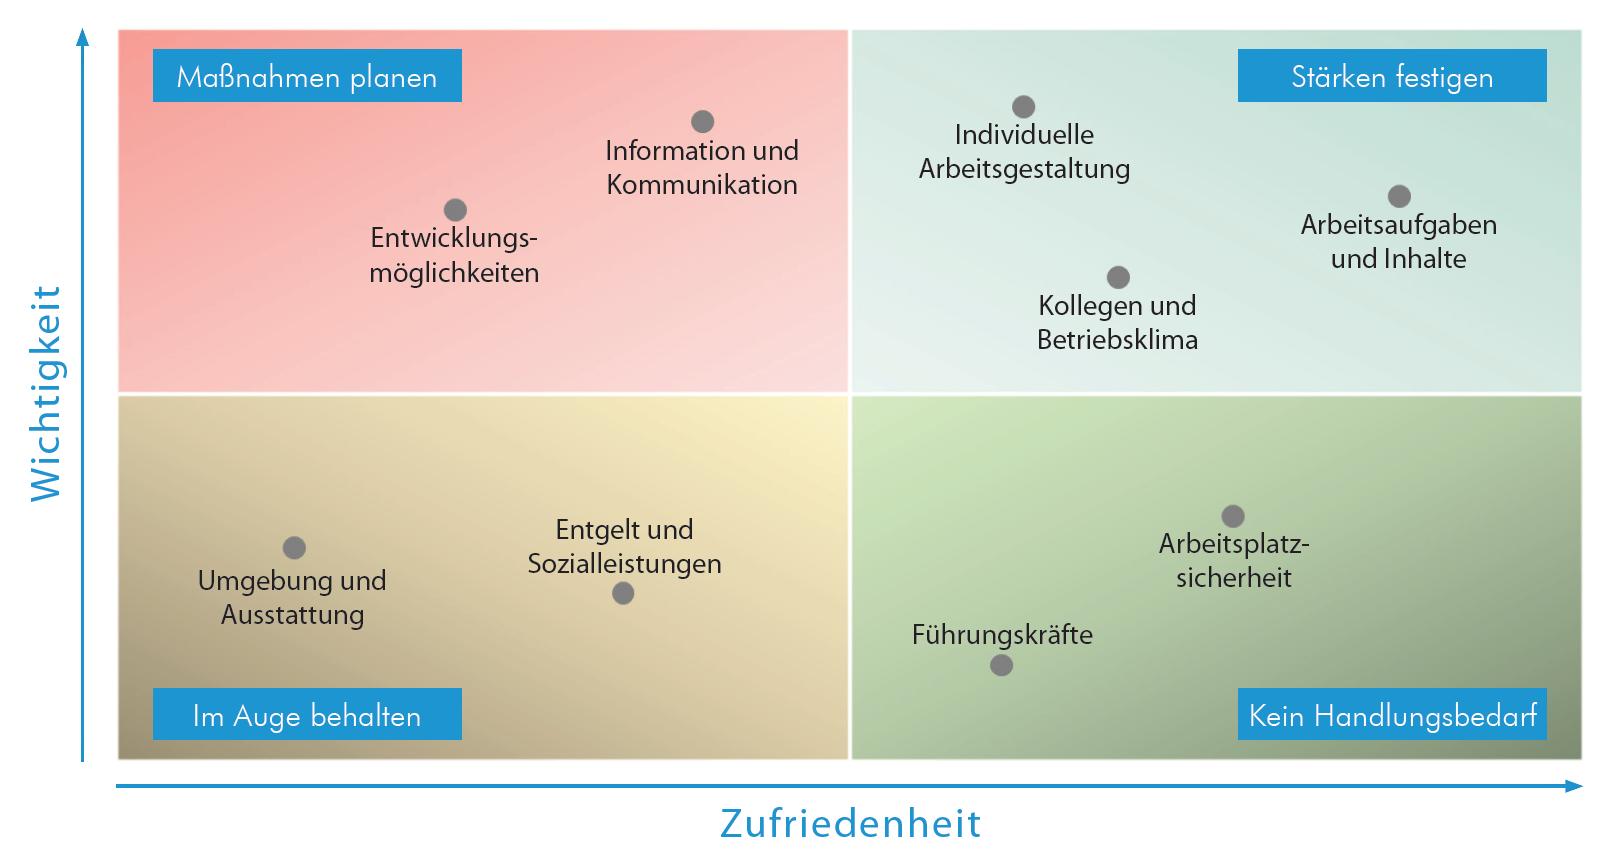 Handlungs-Relevanz-Matrix zur Gegenüberstellung von Wichtigkeiten und Zufriedenheiten der Mitarbeiterbefragung